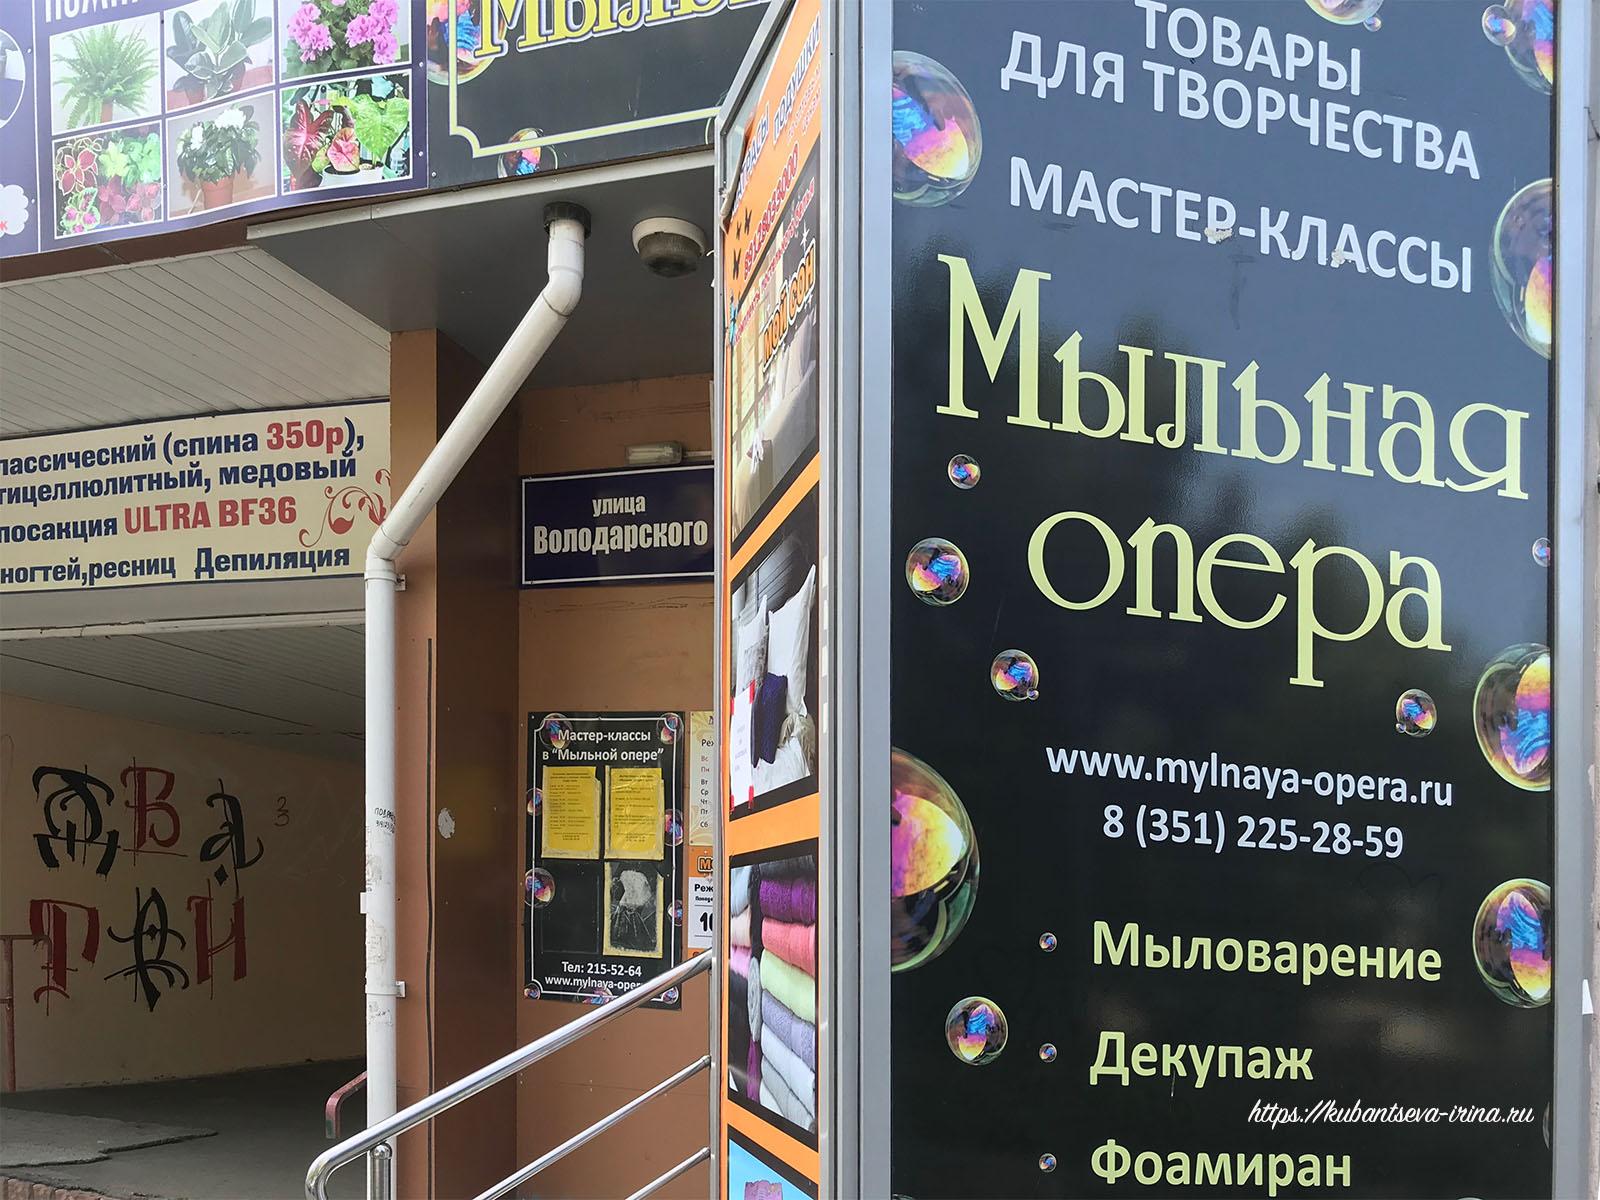 магазин мыльная опера